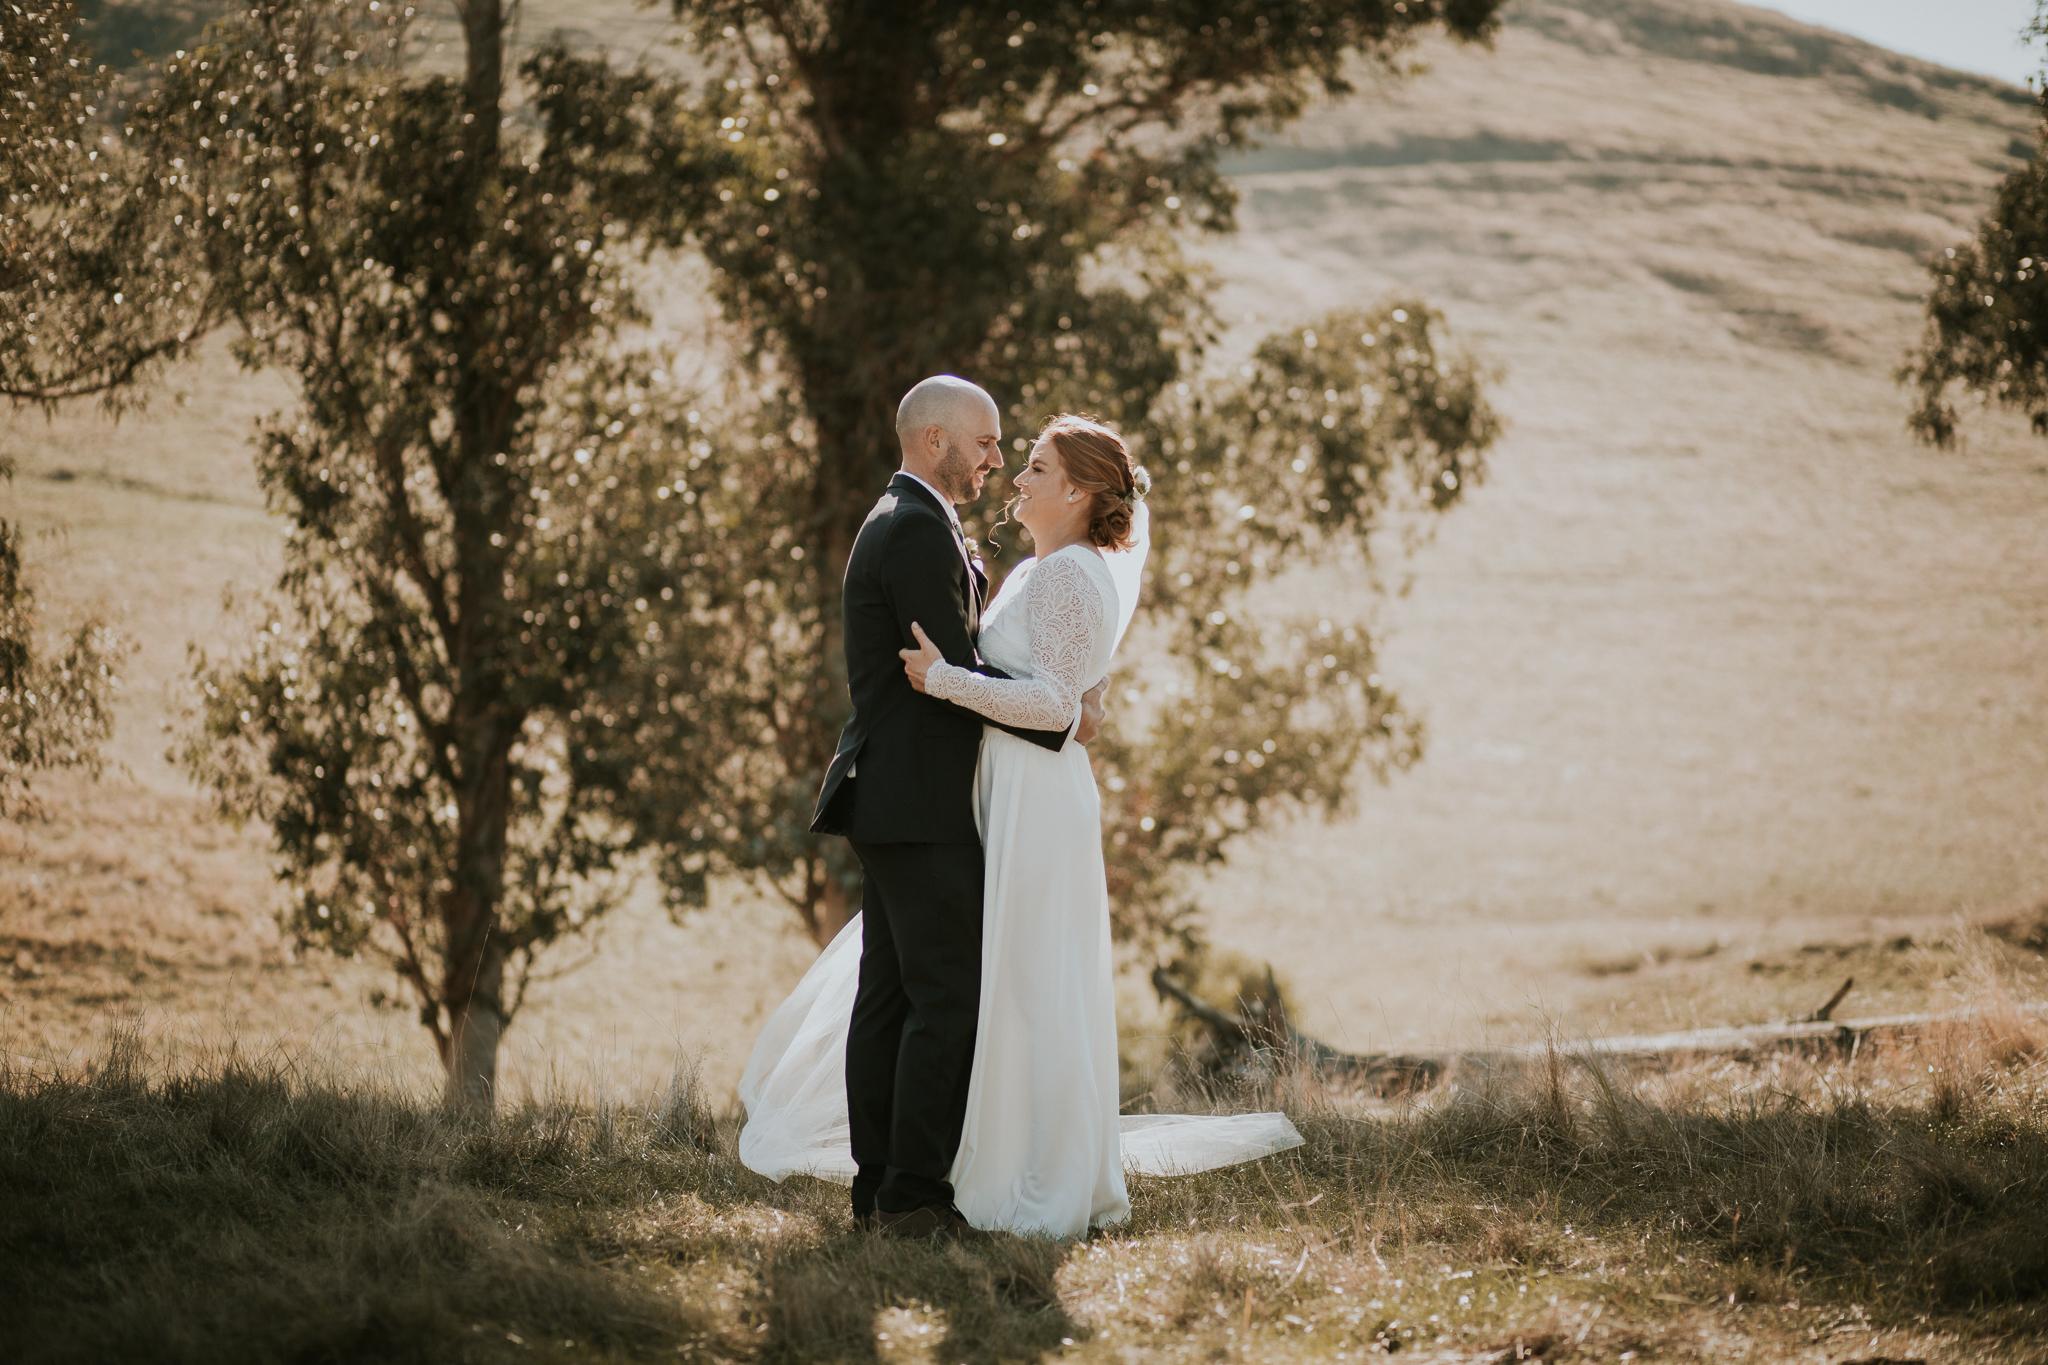 wedding photographer hawkes bay , Lisa Fisher Photography, Selini Winery Wedding -143.jpg